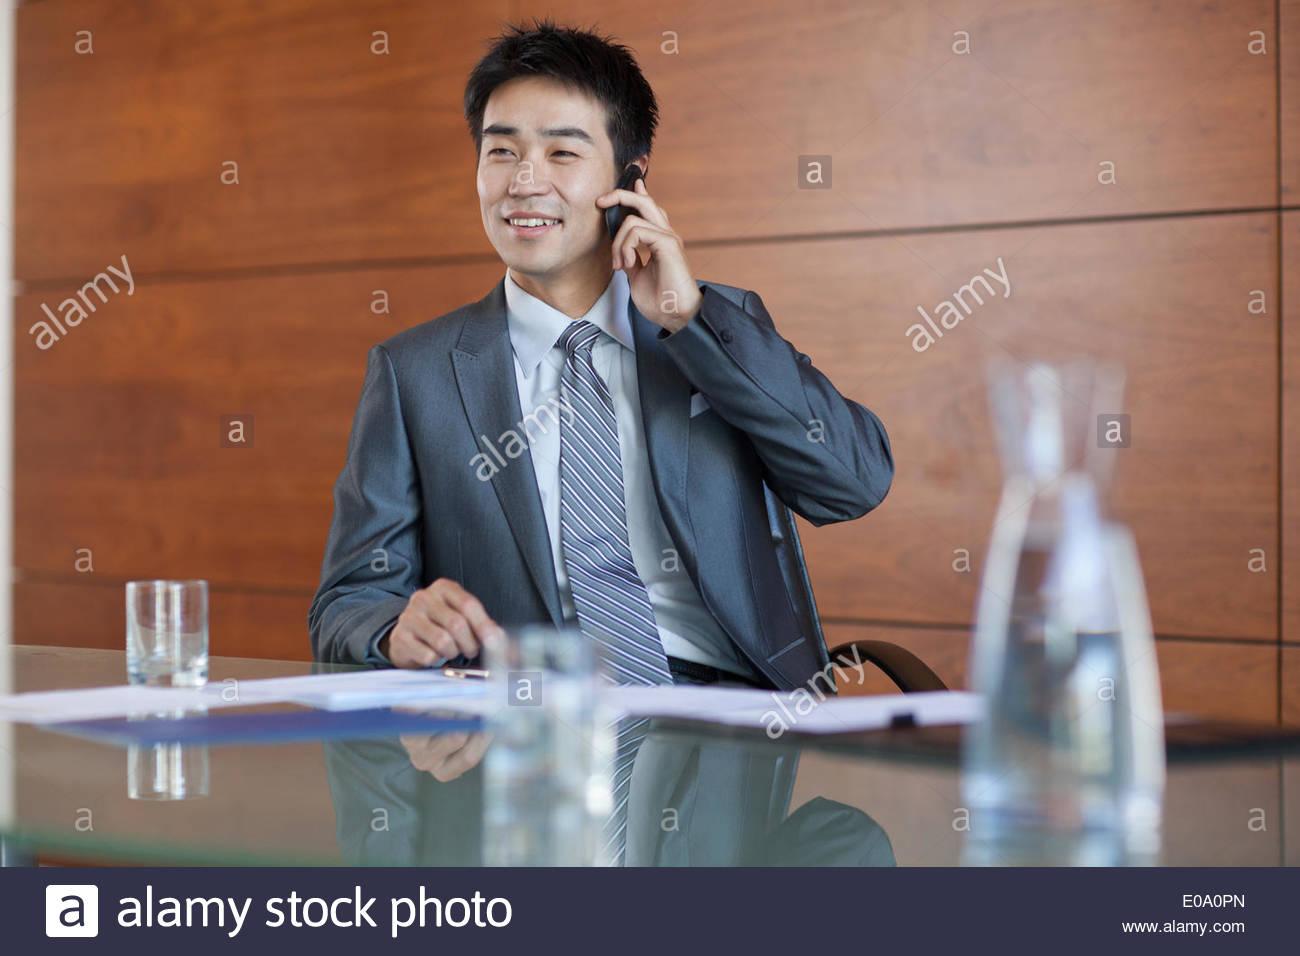 Portrait of confident businessman - Stock Image